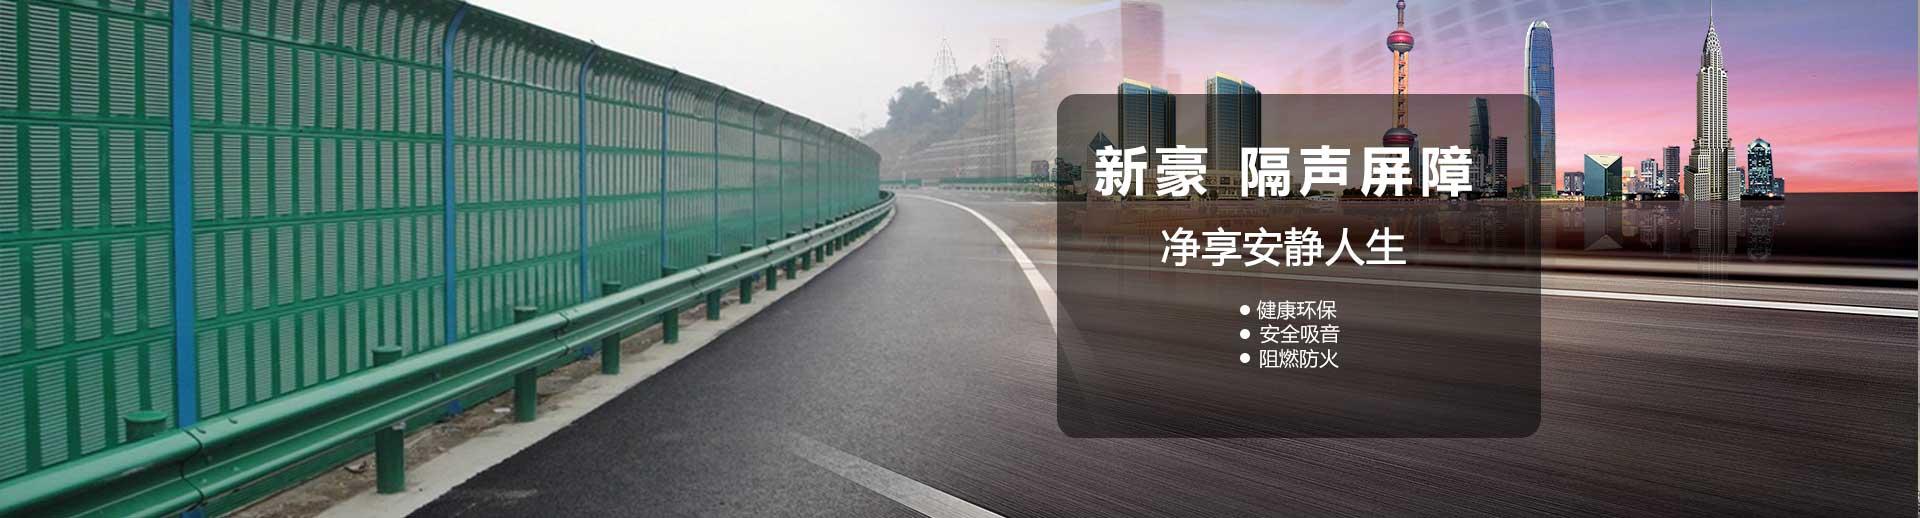 亚洲城app手机端下载_亚洲城app优惠